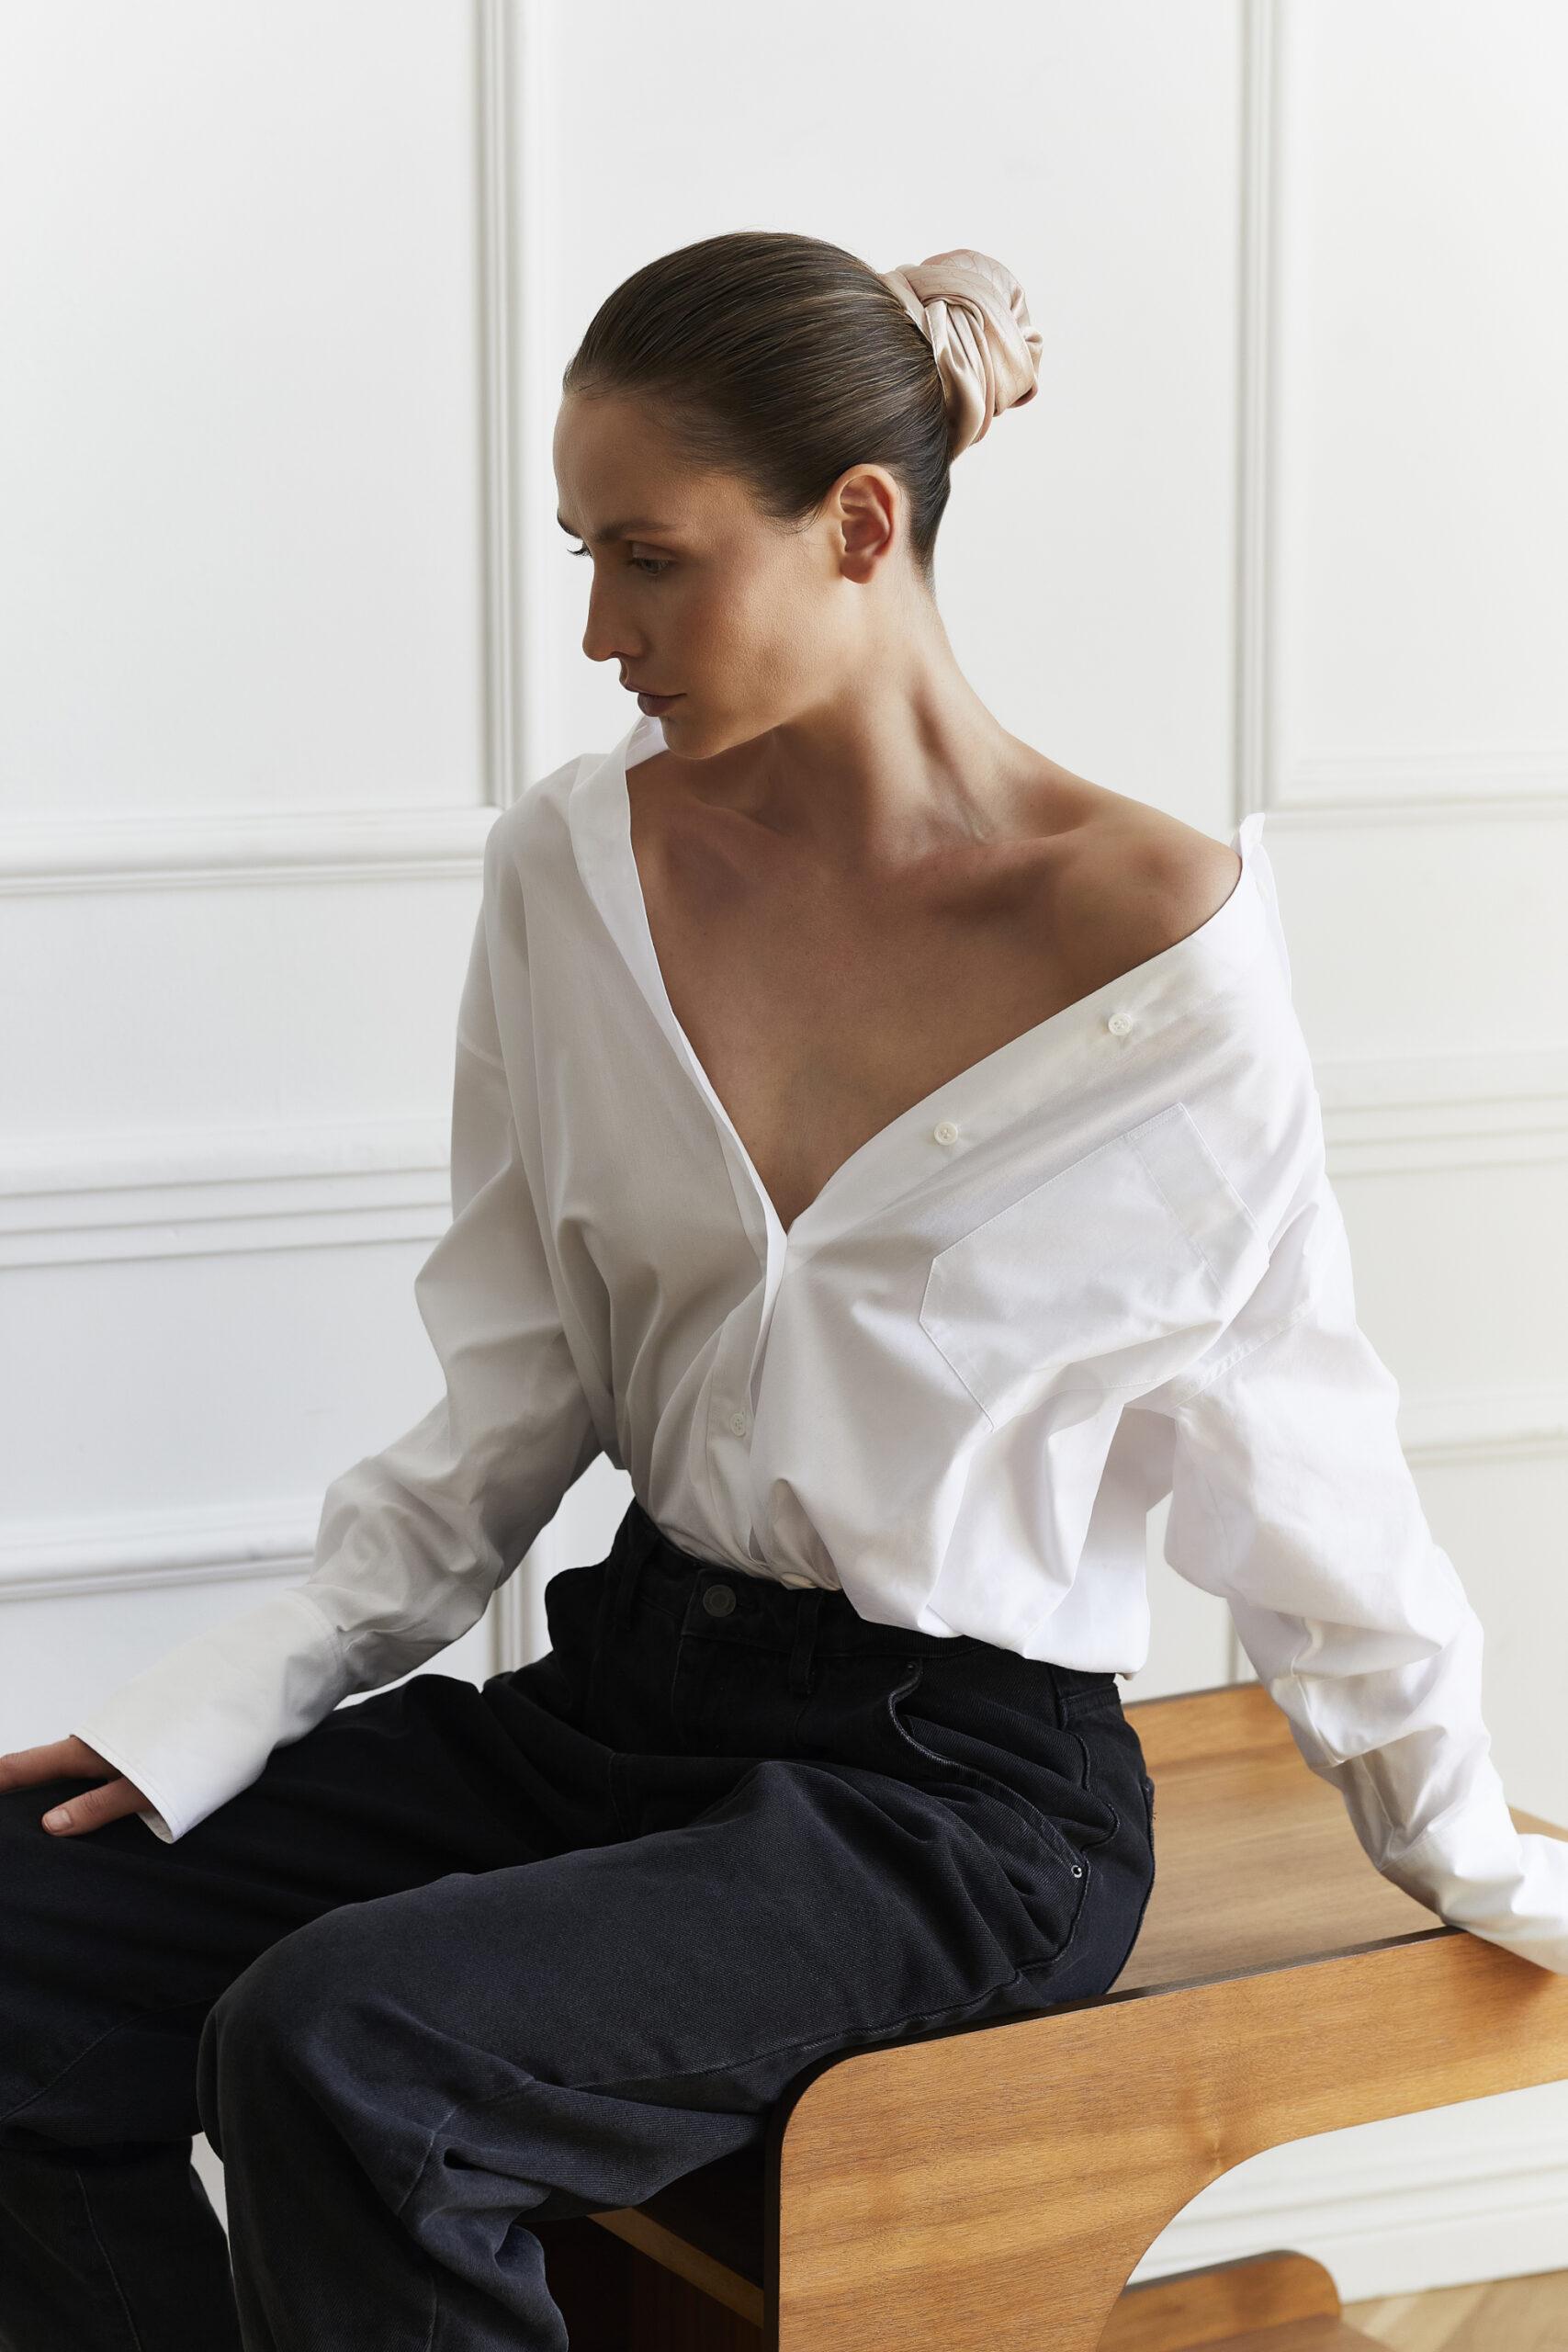 Jedwabna apaszka Sine Silk | BEIGE - Sine Silk | JestemSlow.pl